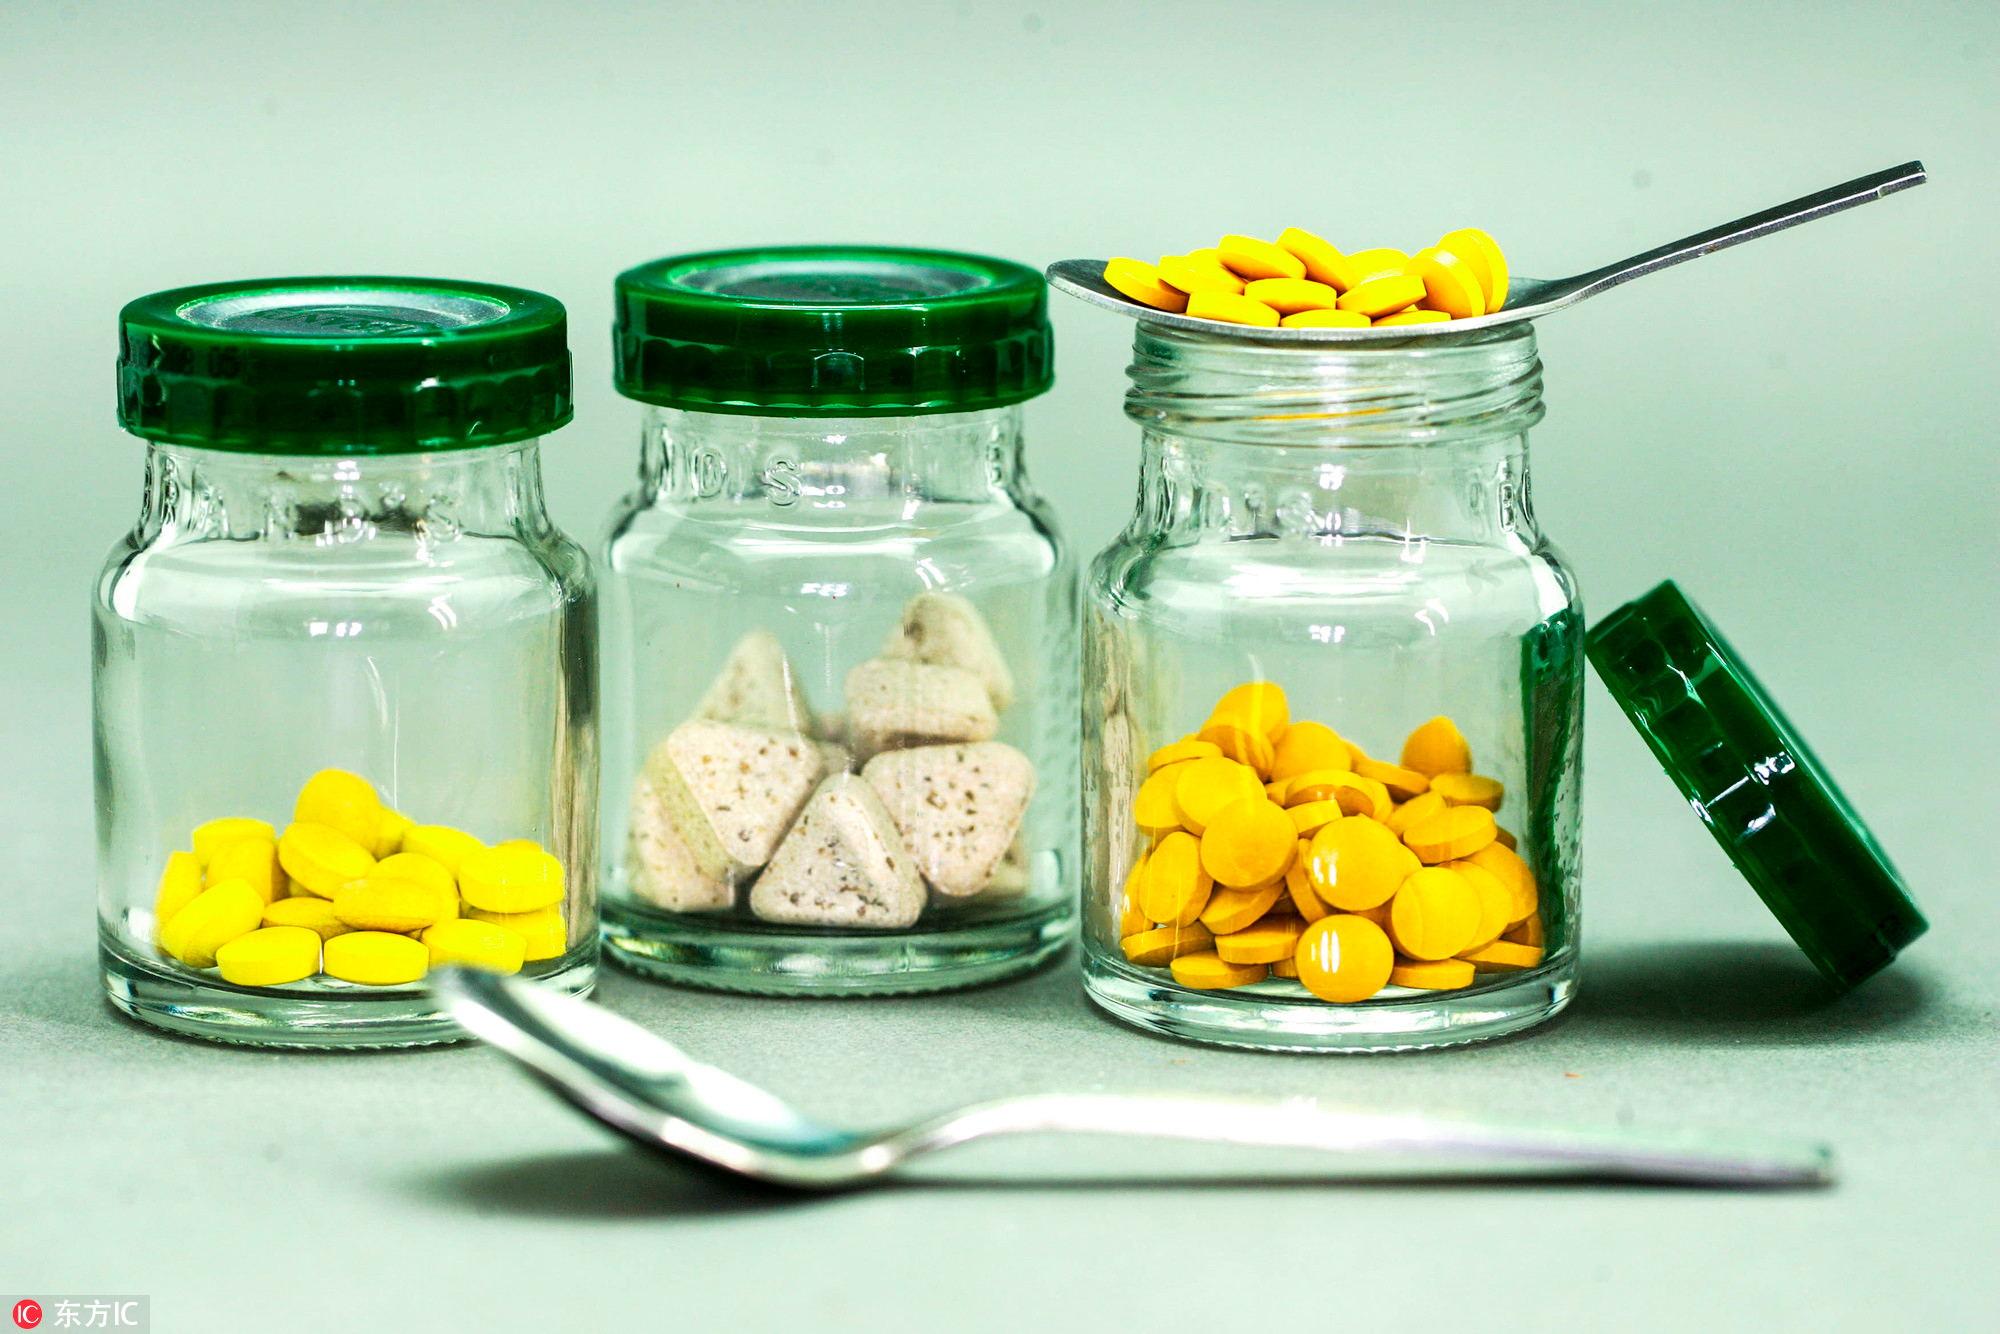 京新药业(002020.SZ):一个典型仿制药企如何应对4+7带量采购?